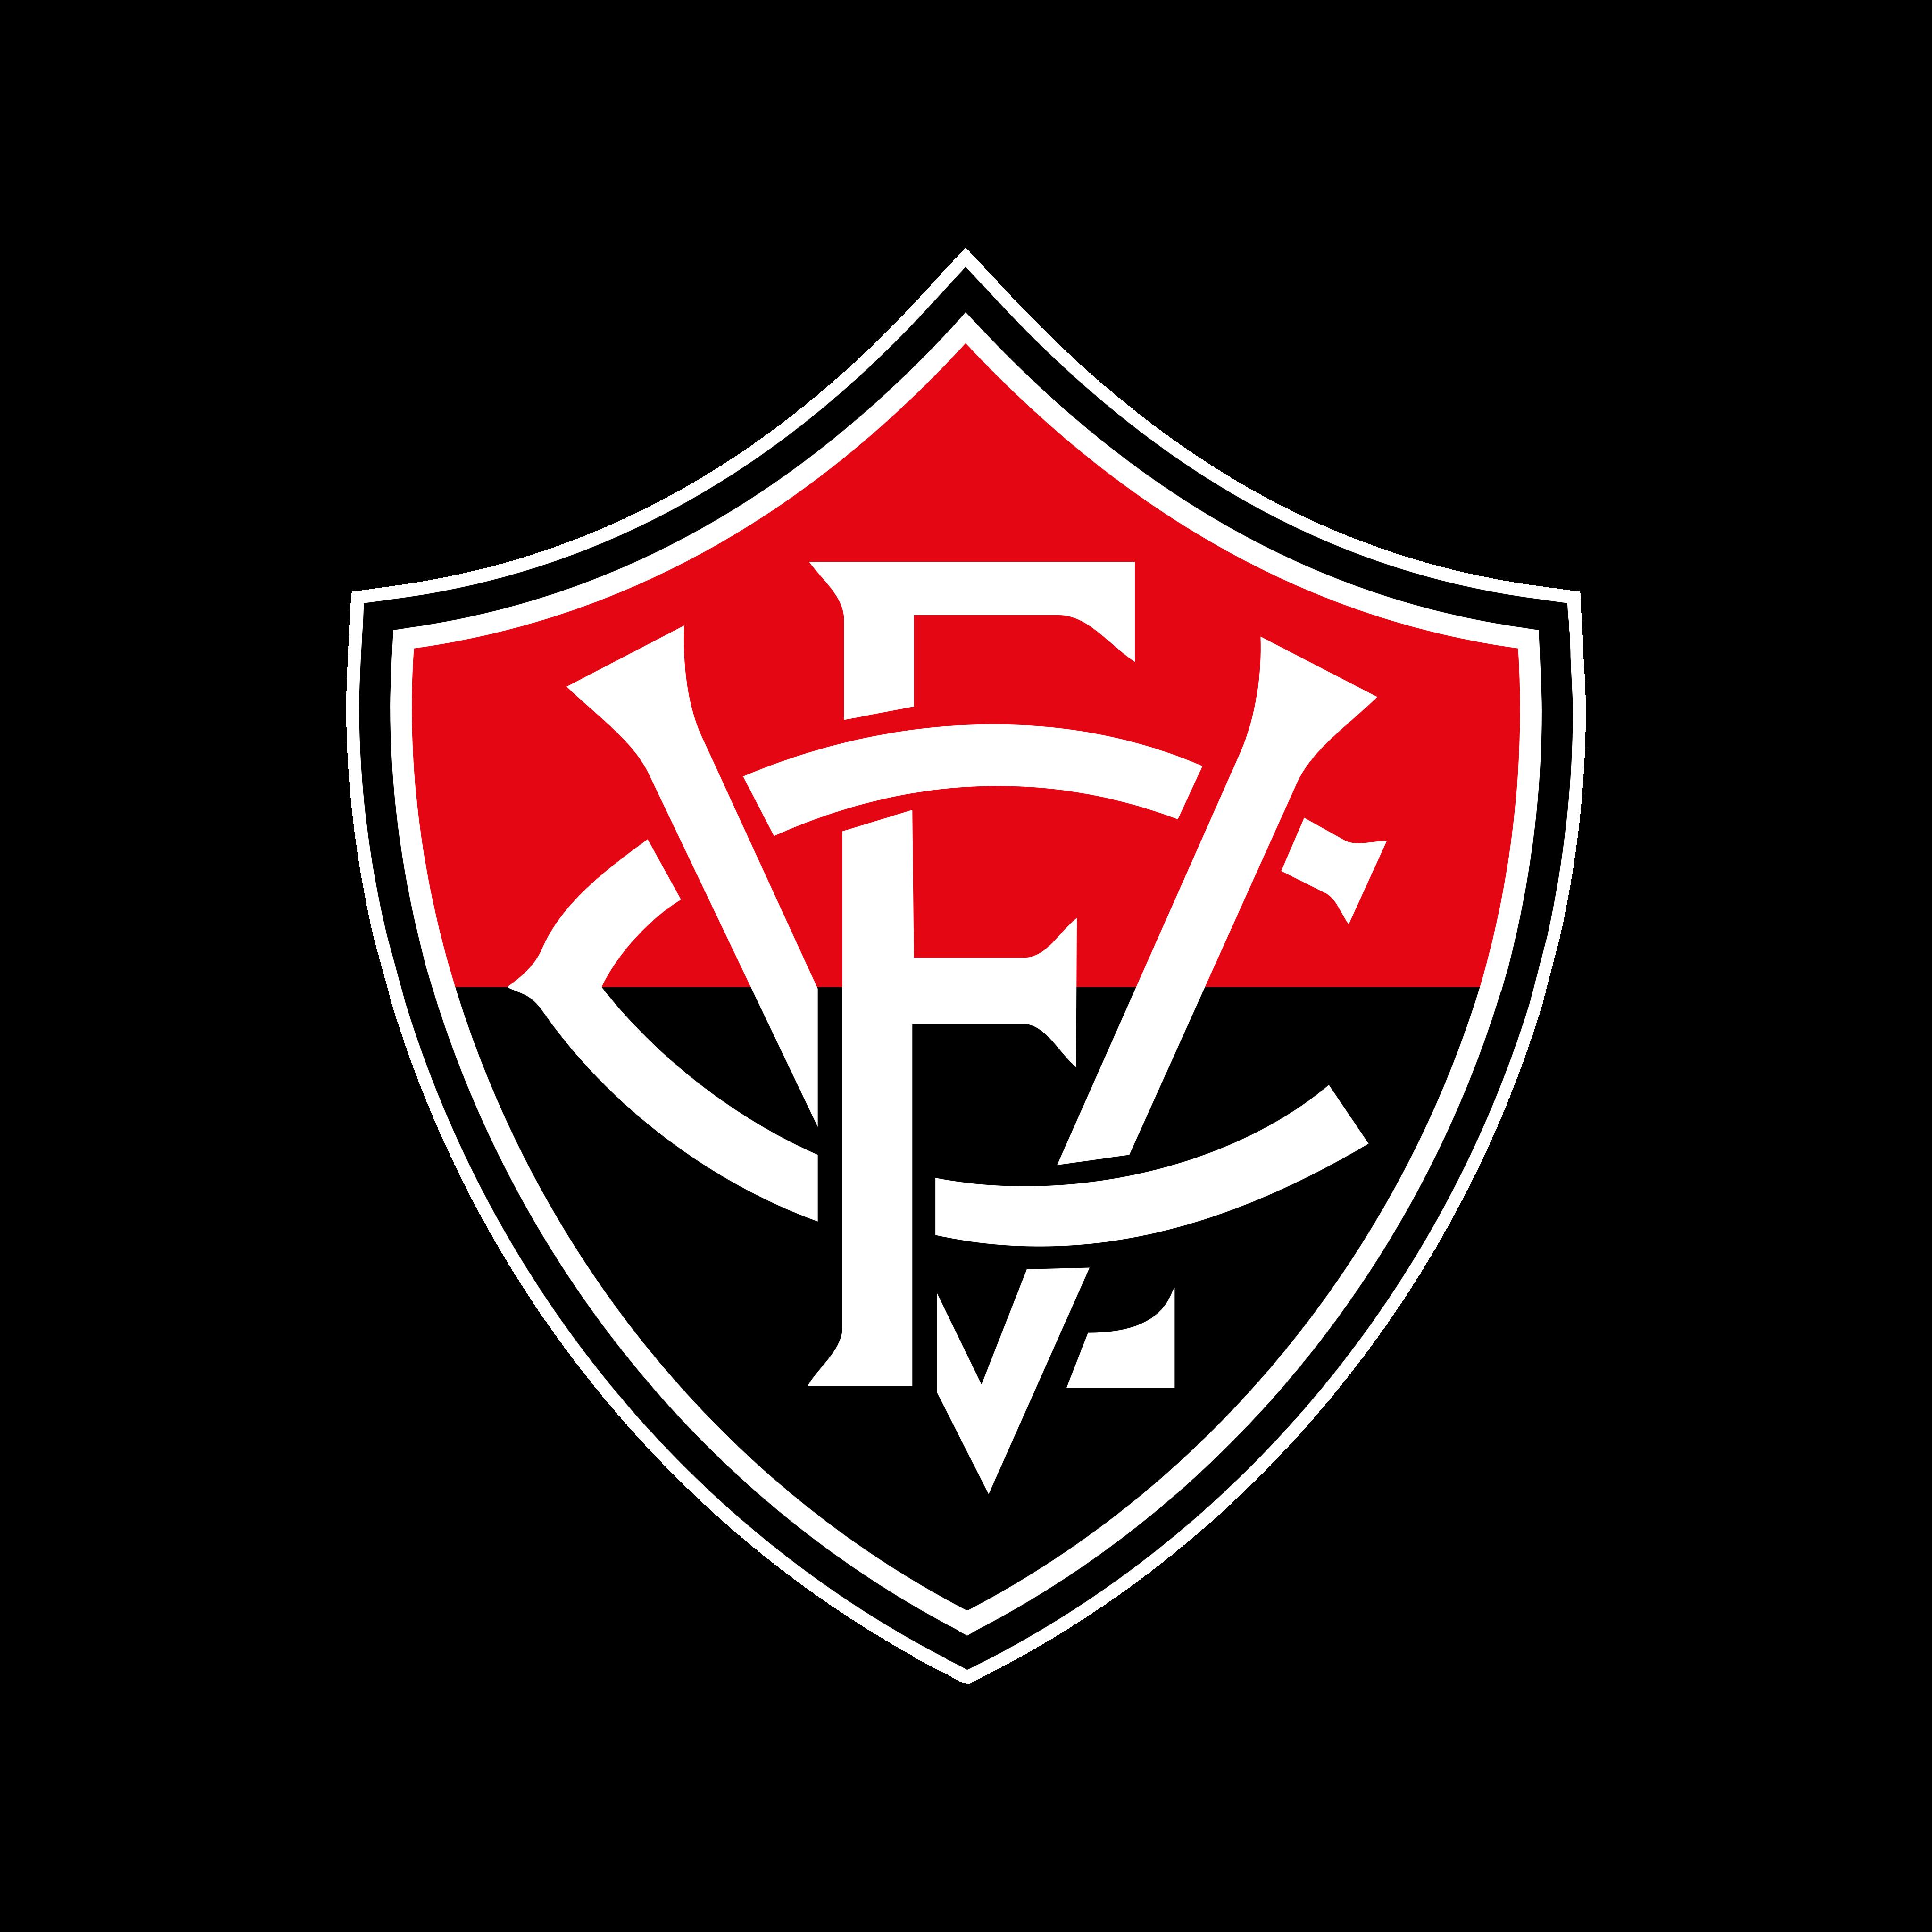 ec vitoria logo 0 - Esporte Clube Vitória Logo